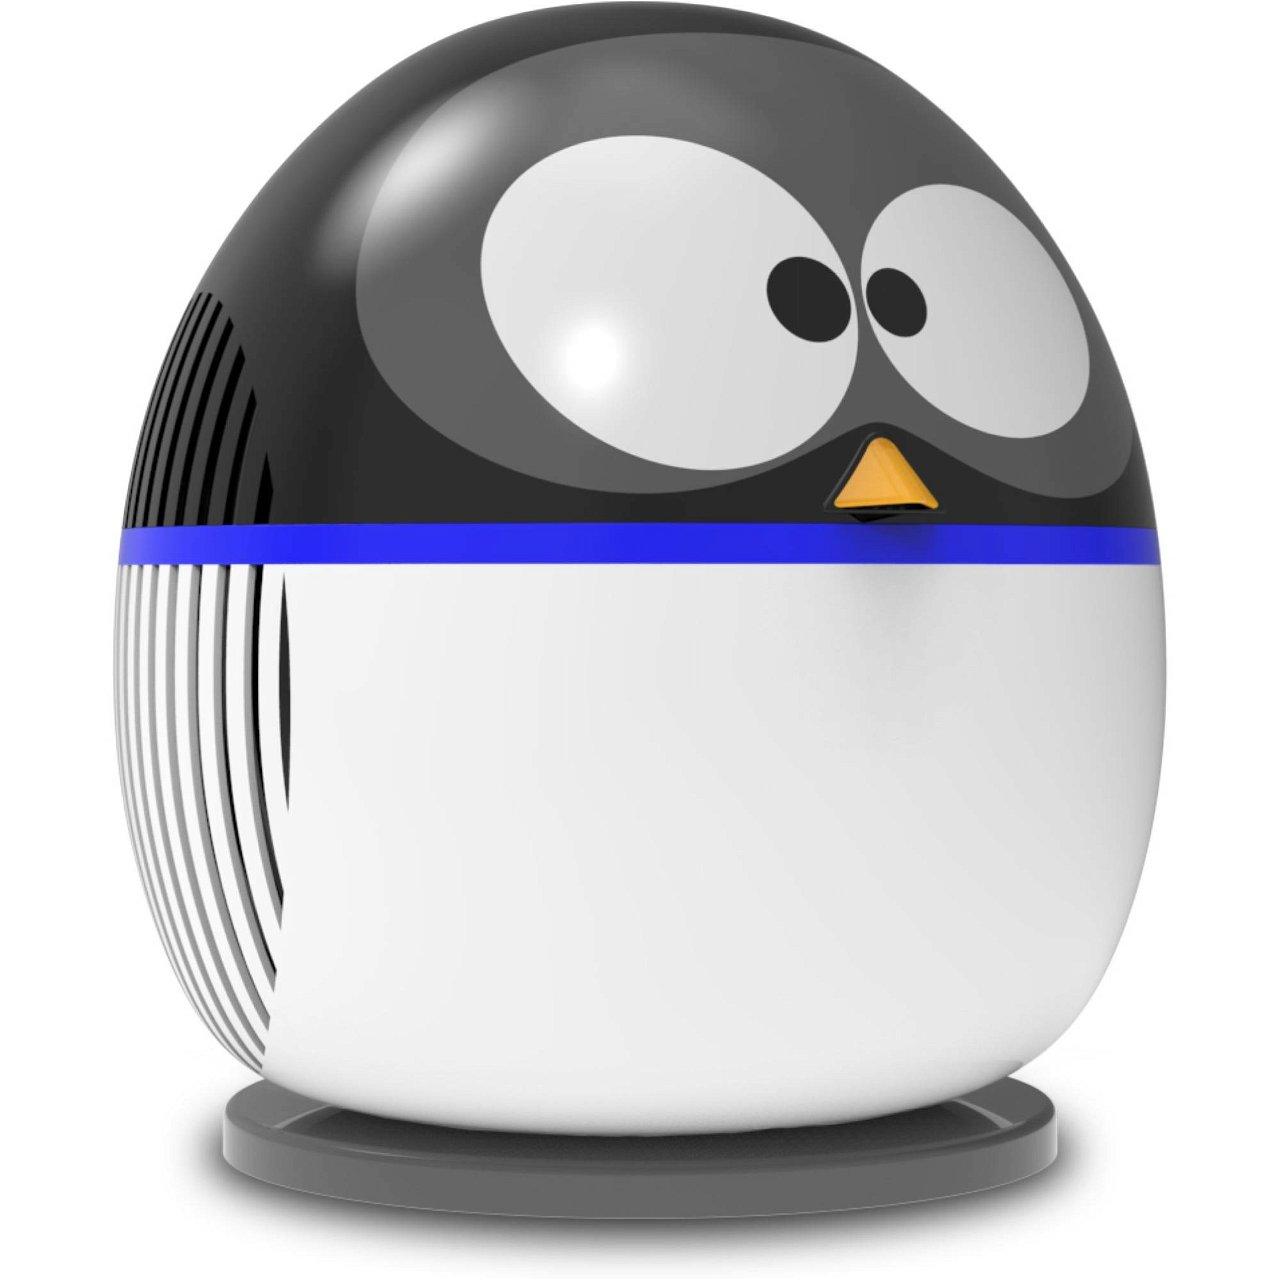 Wärmepumpe Pinguin mit 5 kW Heizleistung und Bluetooth